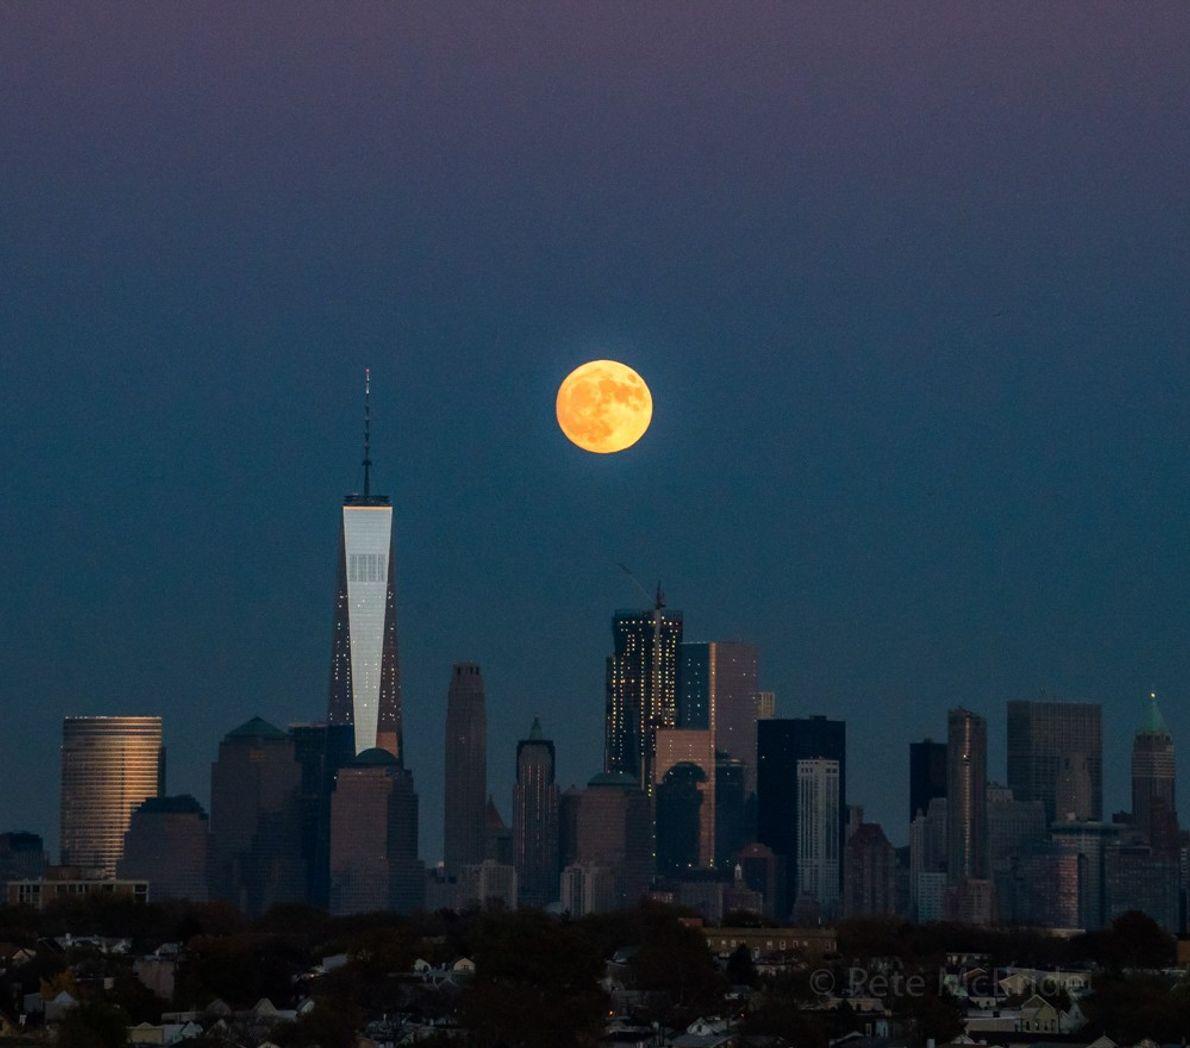 Der Supermond über Manhattan im November 2016 war der größte und hellste seit fast 70 Jahren.